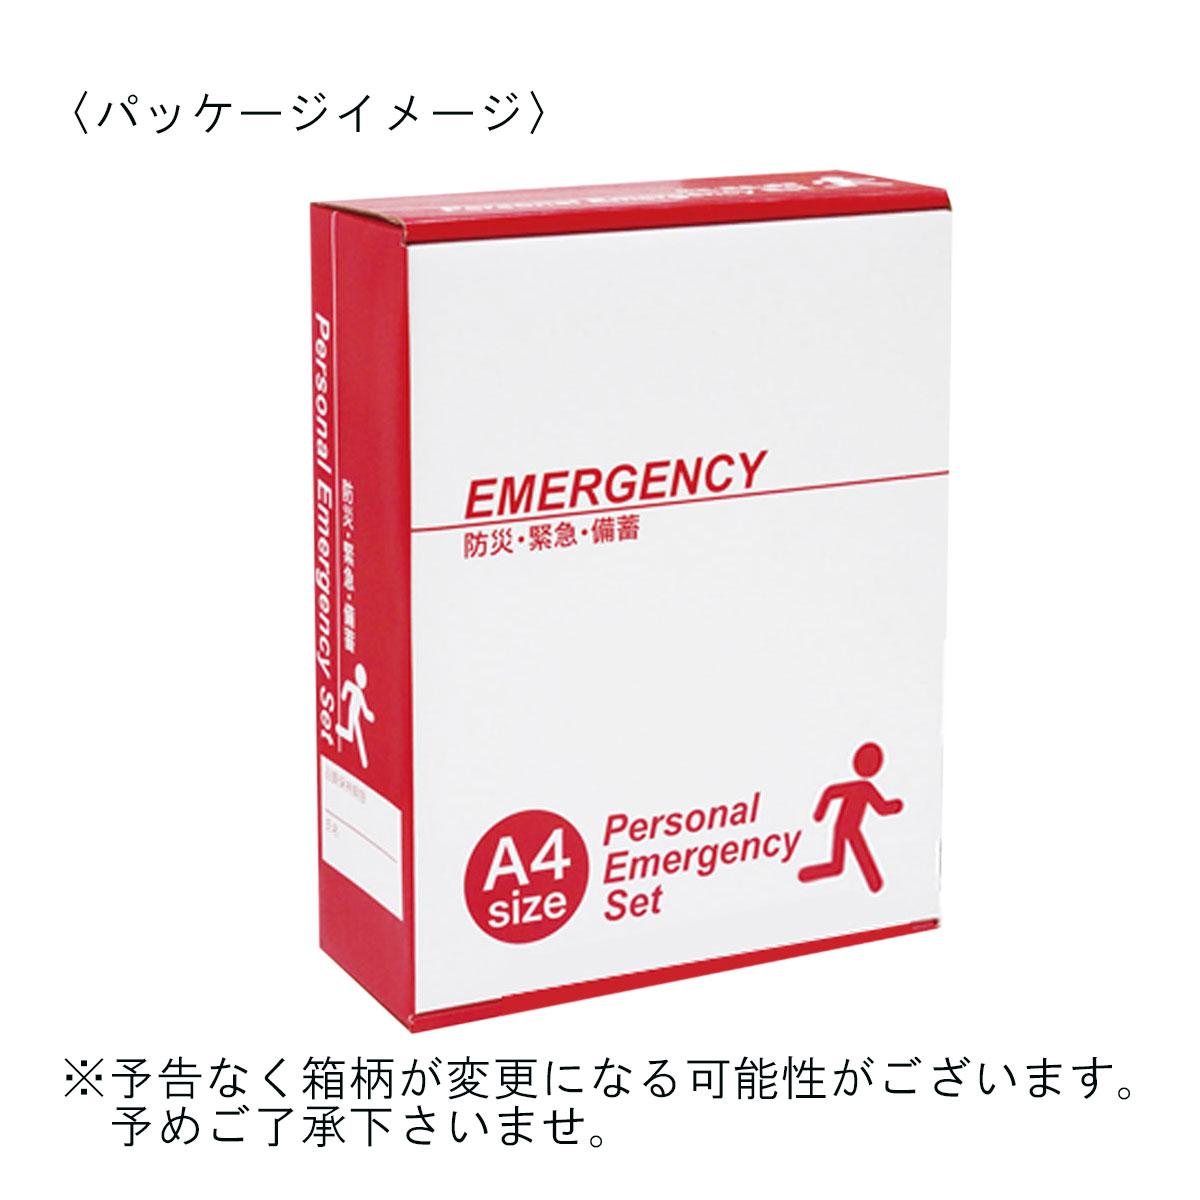 1日サポート災害対策セット 11点セット